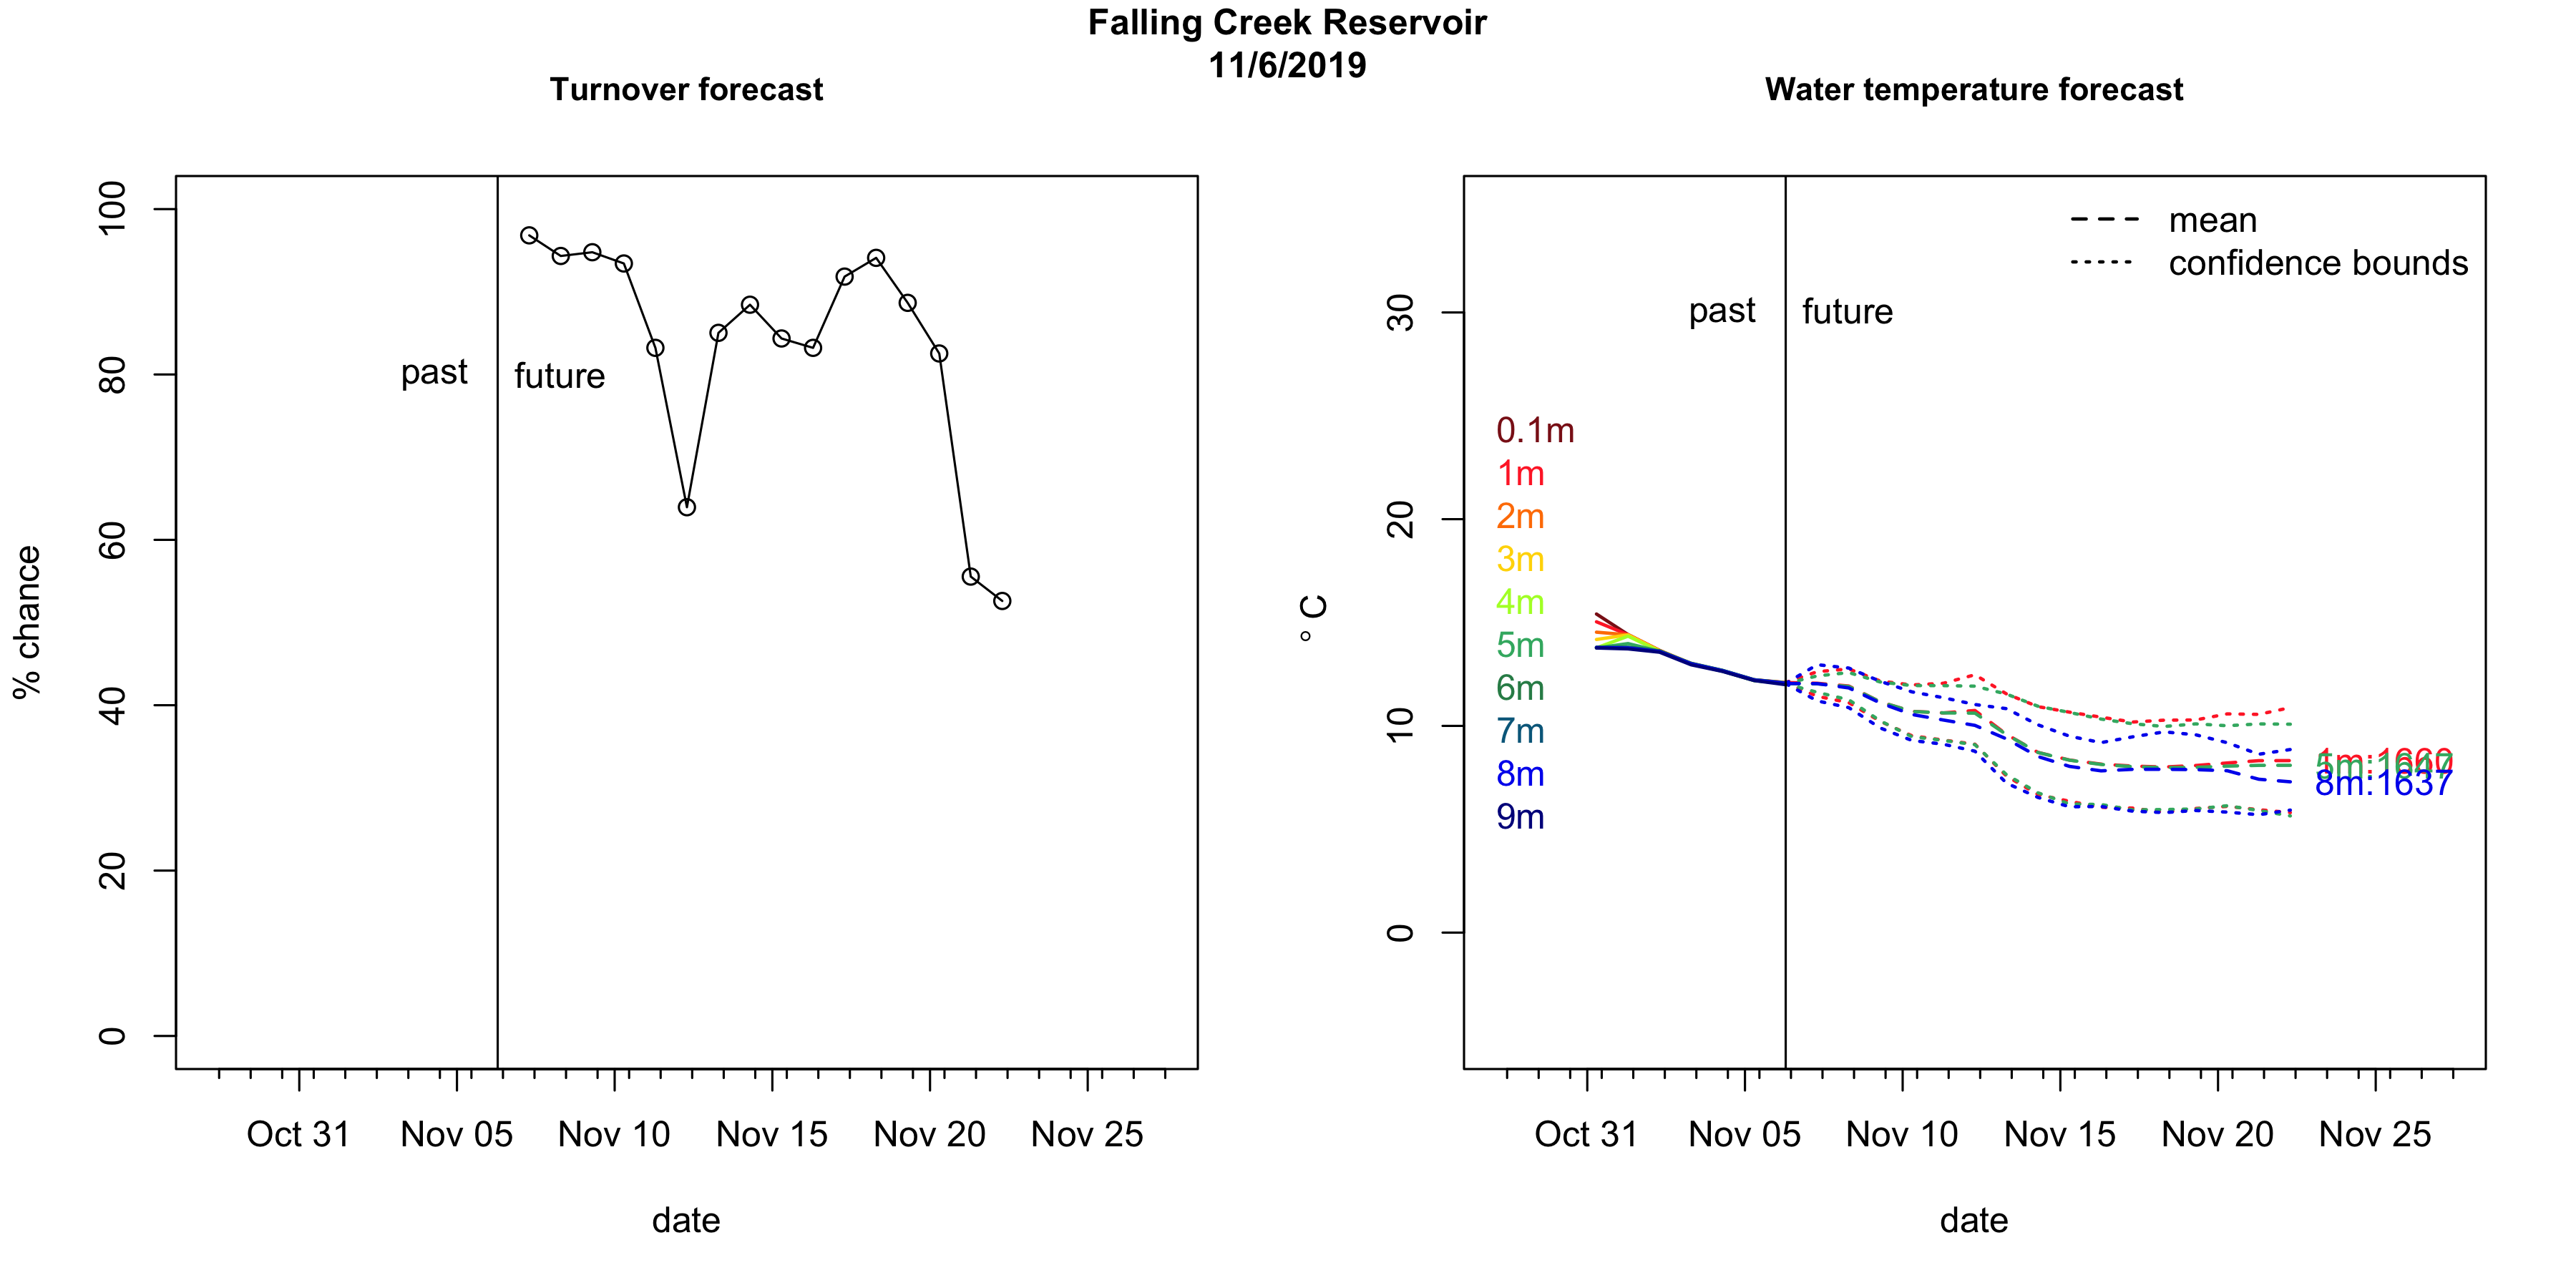 Current Forecast for Falling Creek Reservoir